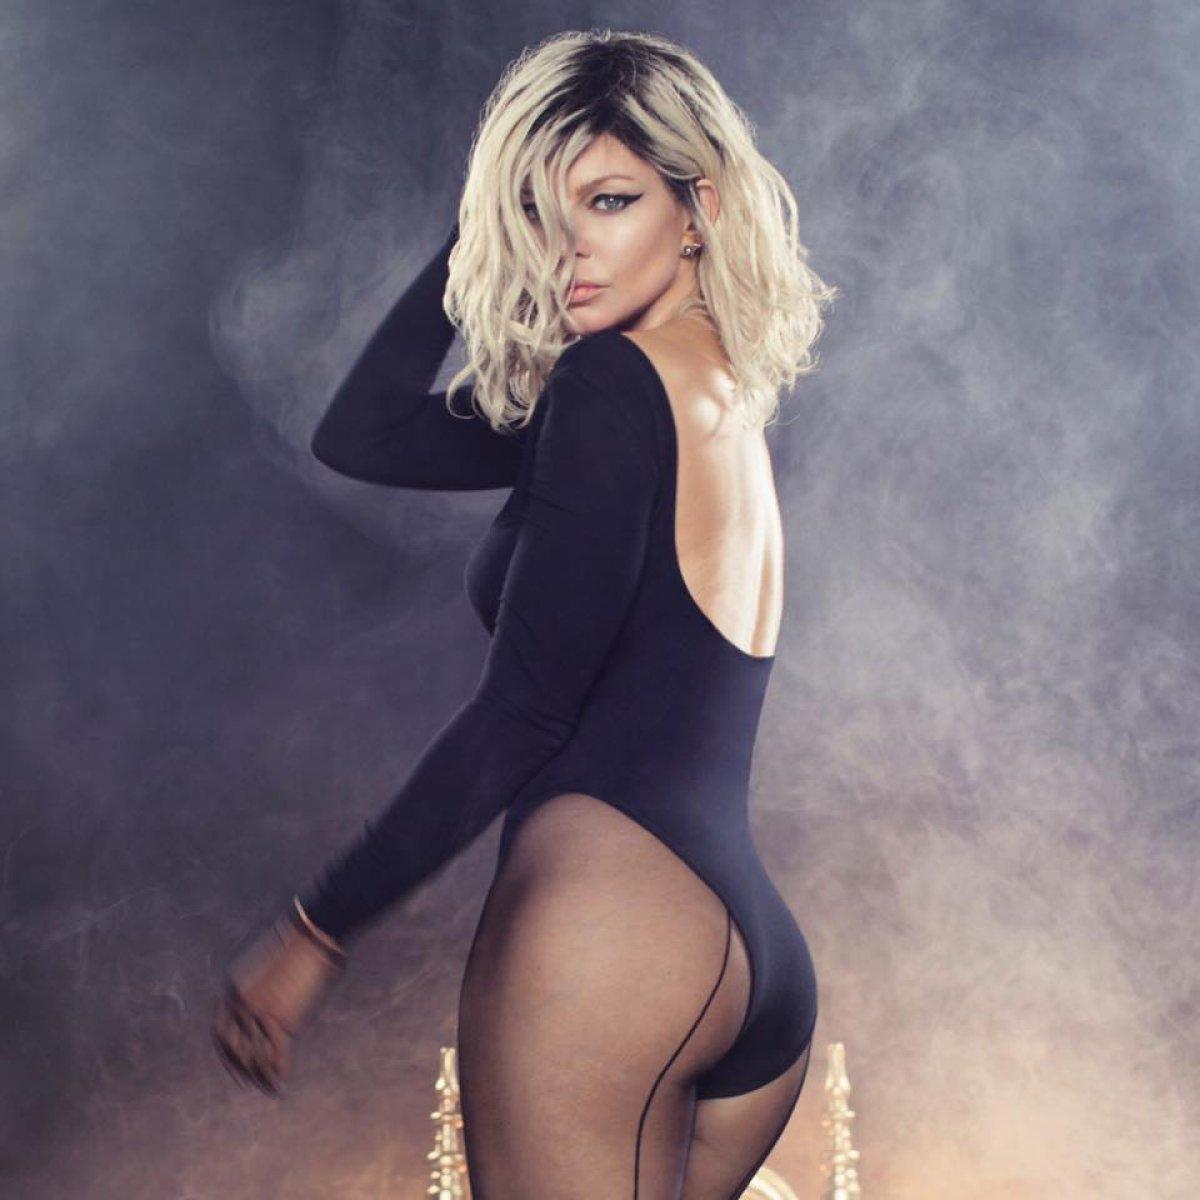 Fergie comparte la portada de su nuevo álbum en Instagram ... Fergie